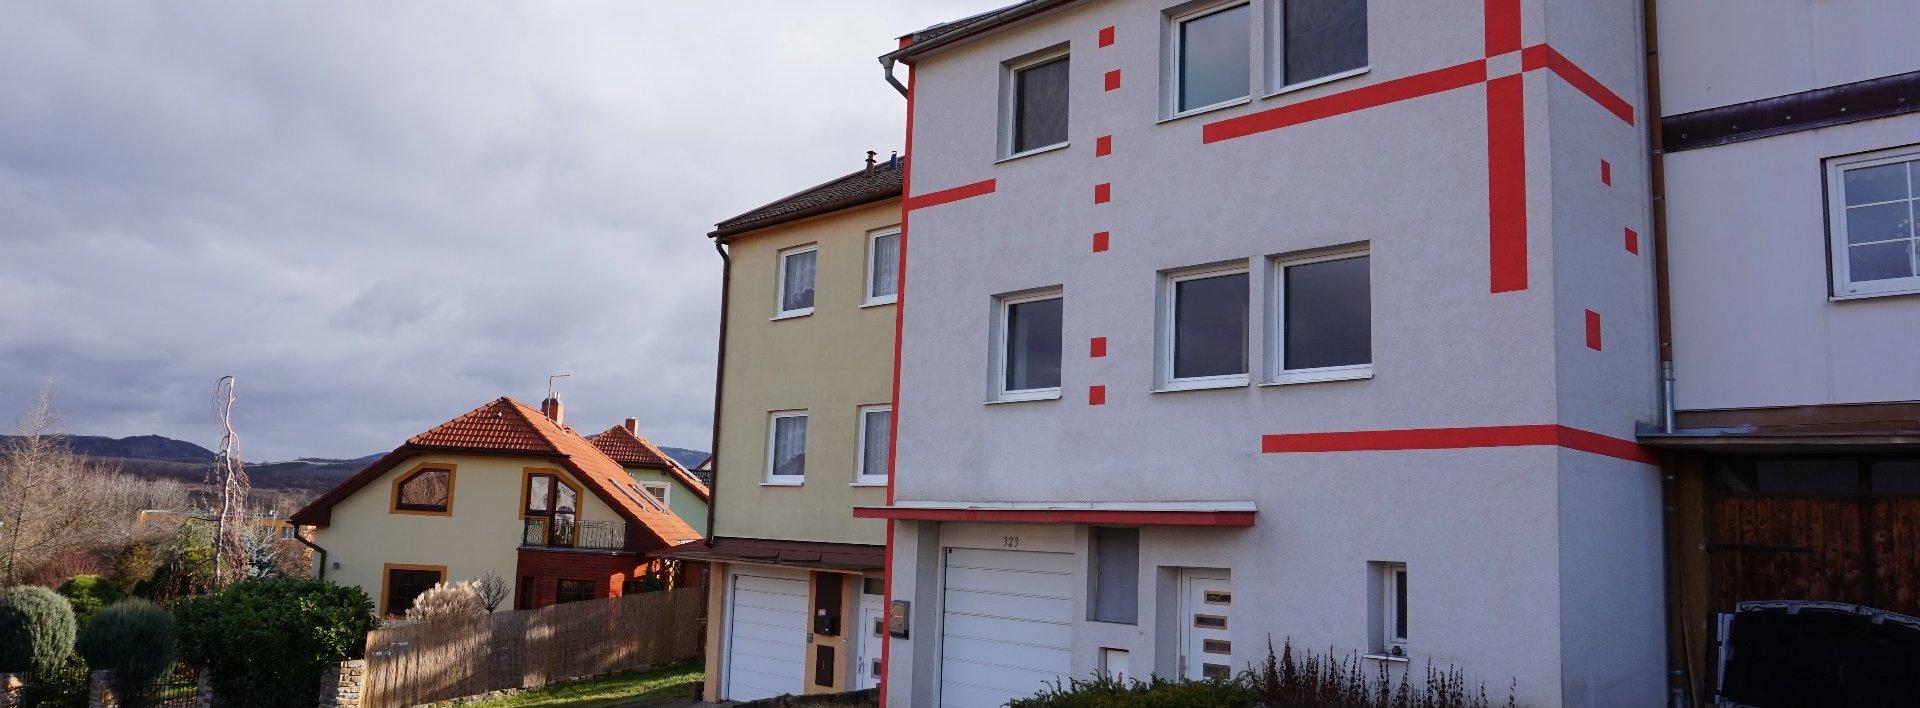 Prodej, Rodinný dům se zahradou, 410 m2,Bílina - Pražské Předměstí., Ev.č.: N48984